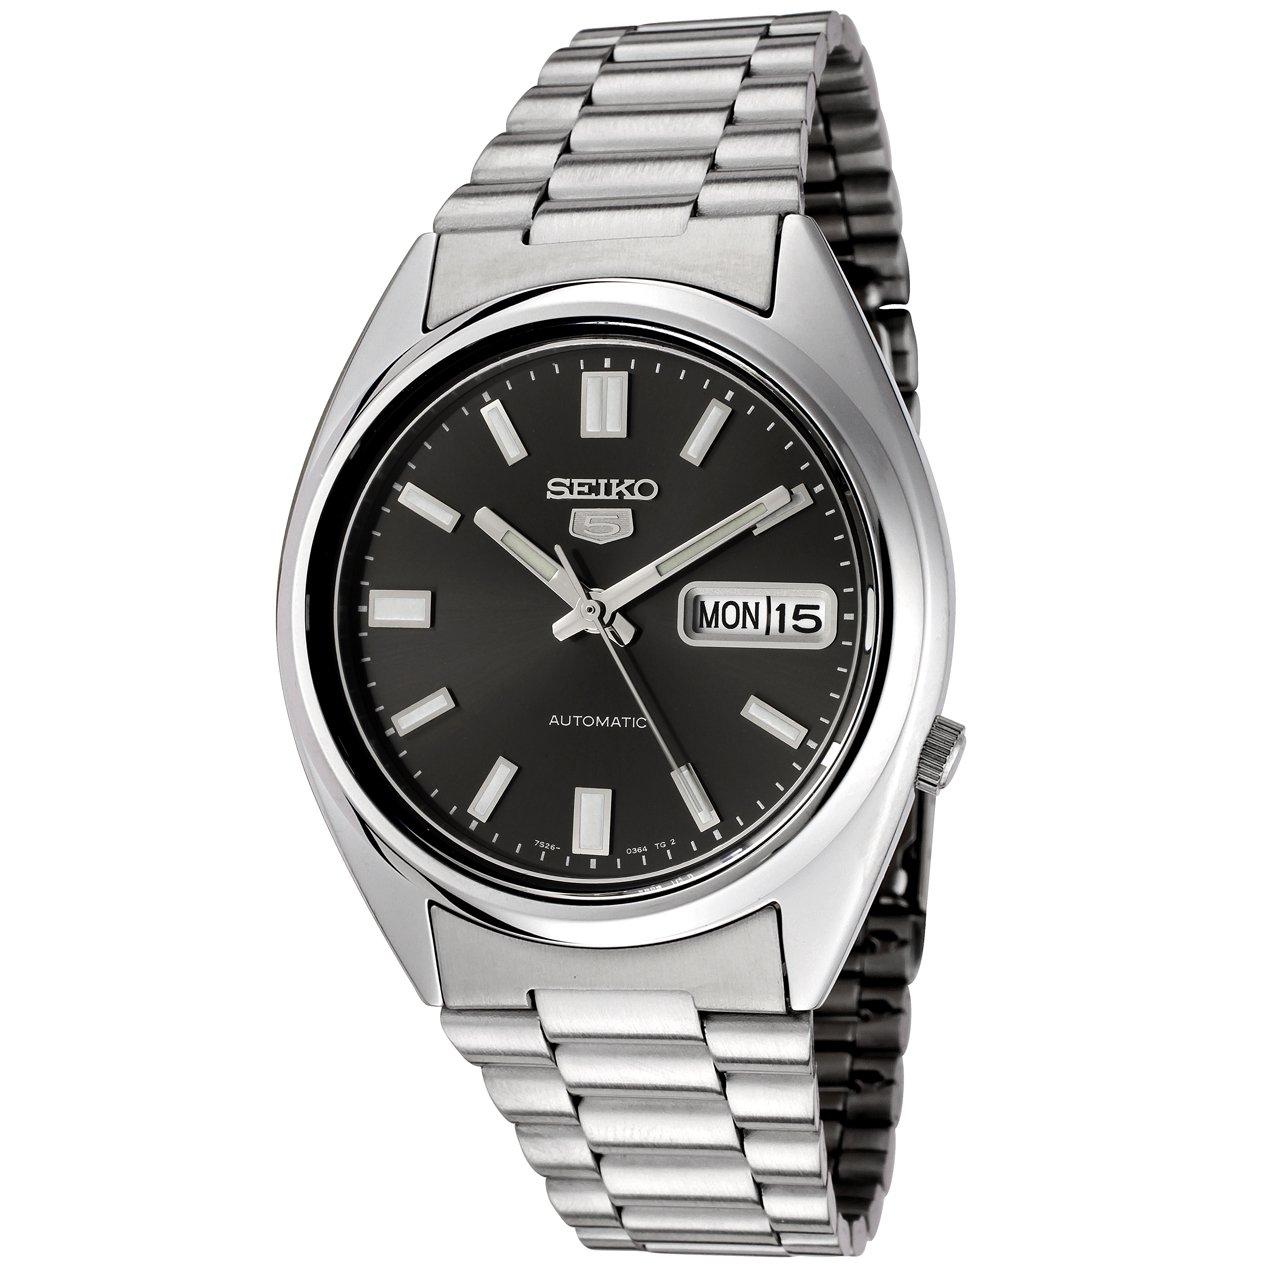 Seiko Unisex Analogue Quartz Watch with Stainless Steel Bracelet – SNXS79K